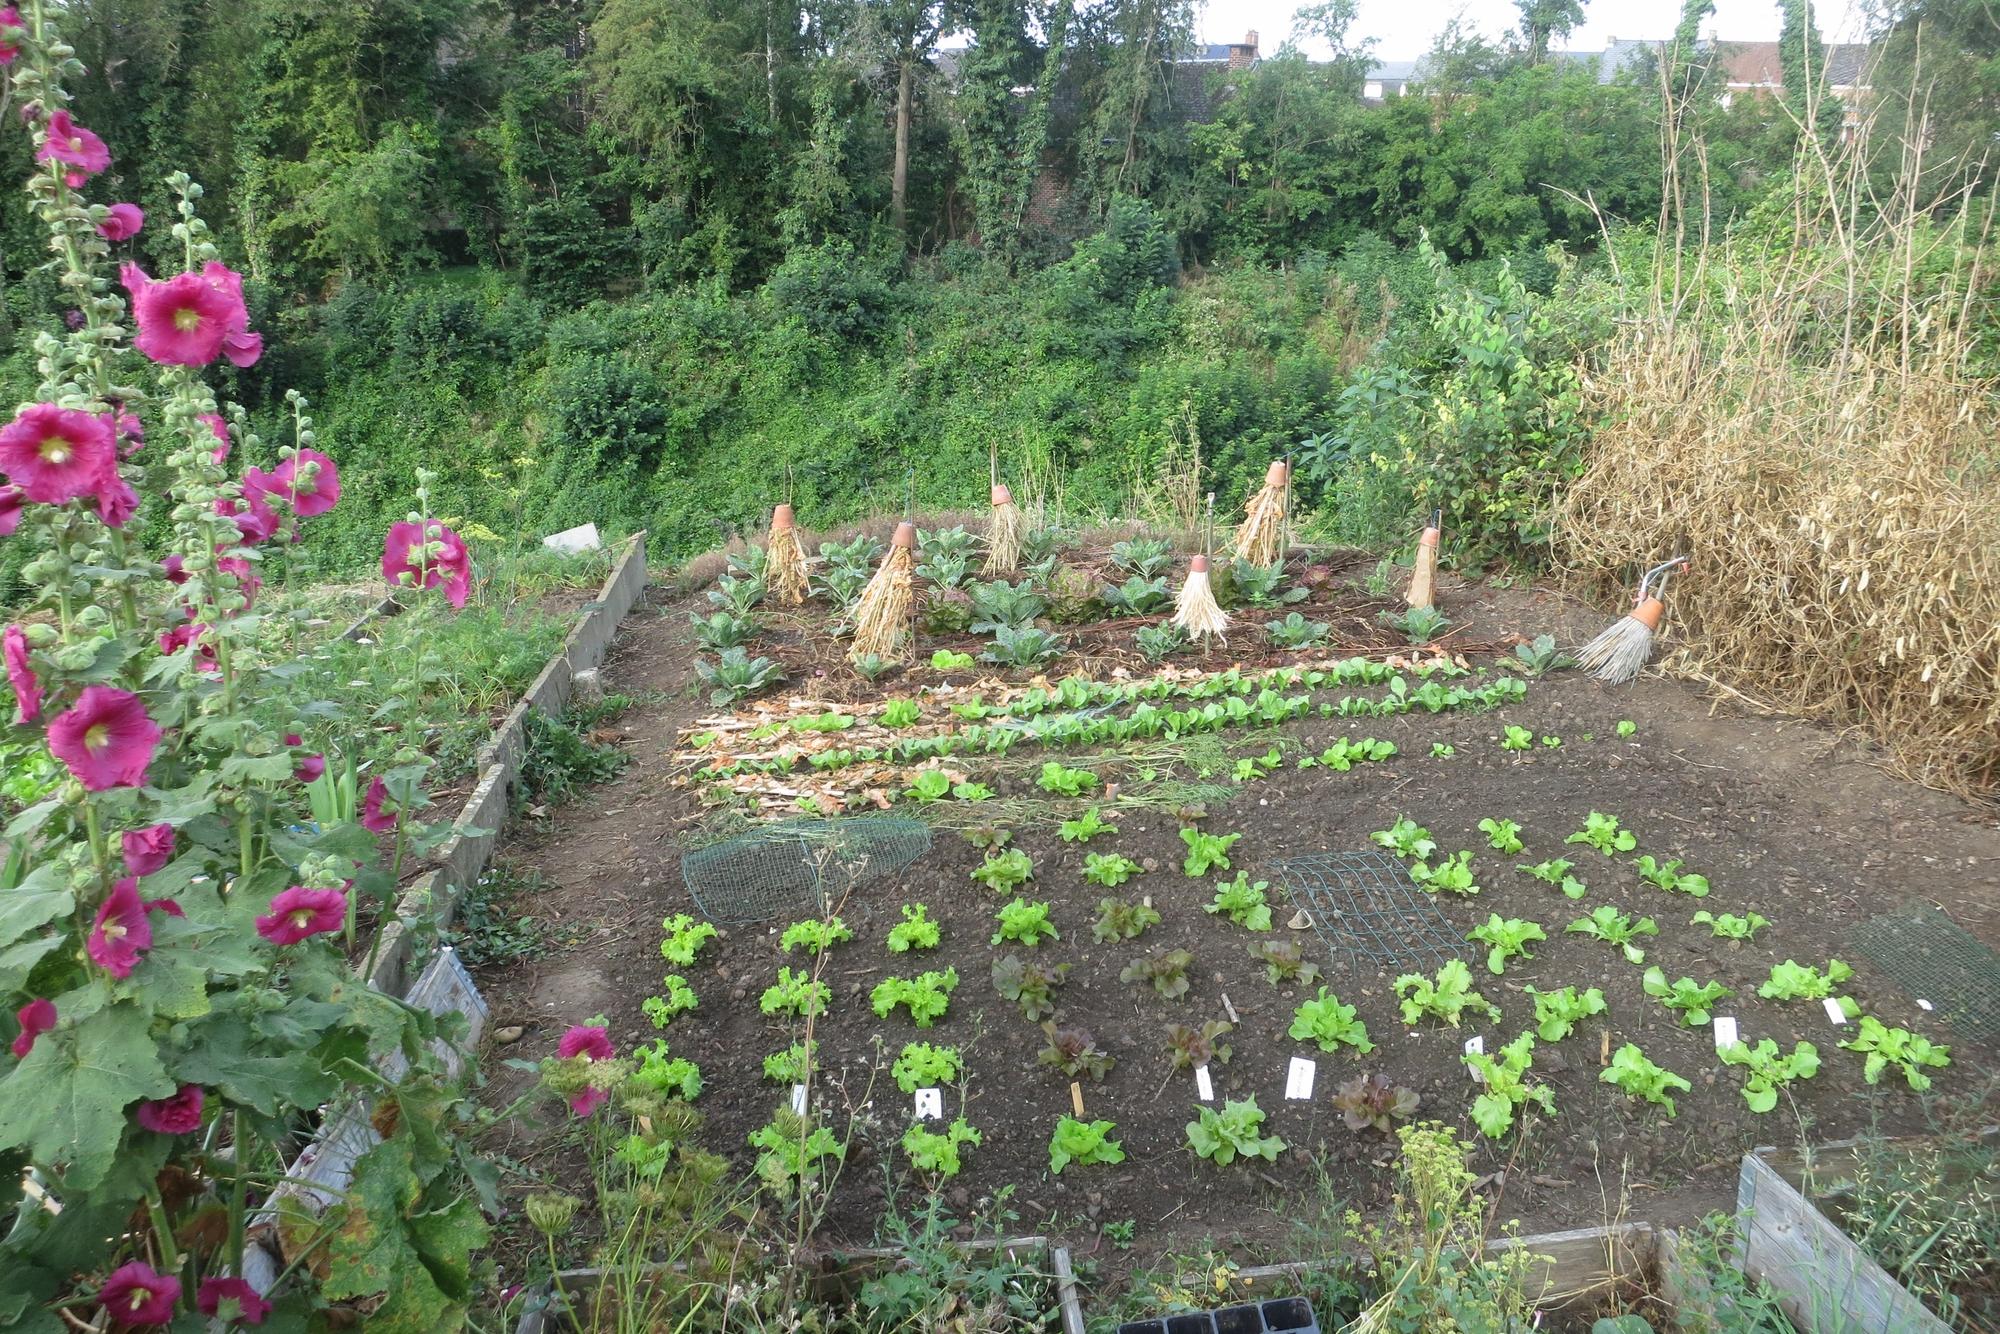 Mit vereinten Gärten - Teilnehmergarten Hobbygärtner aus Belgien